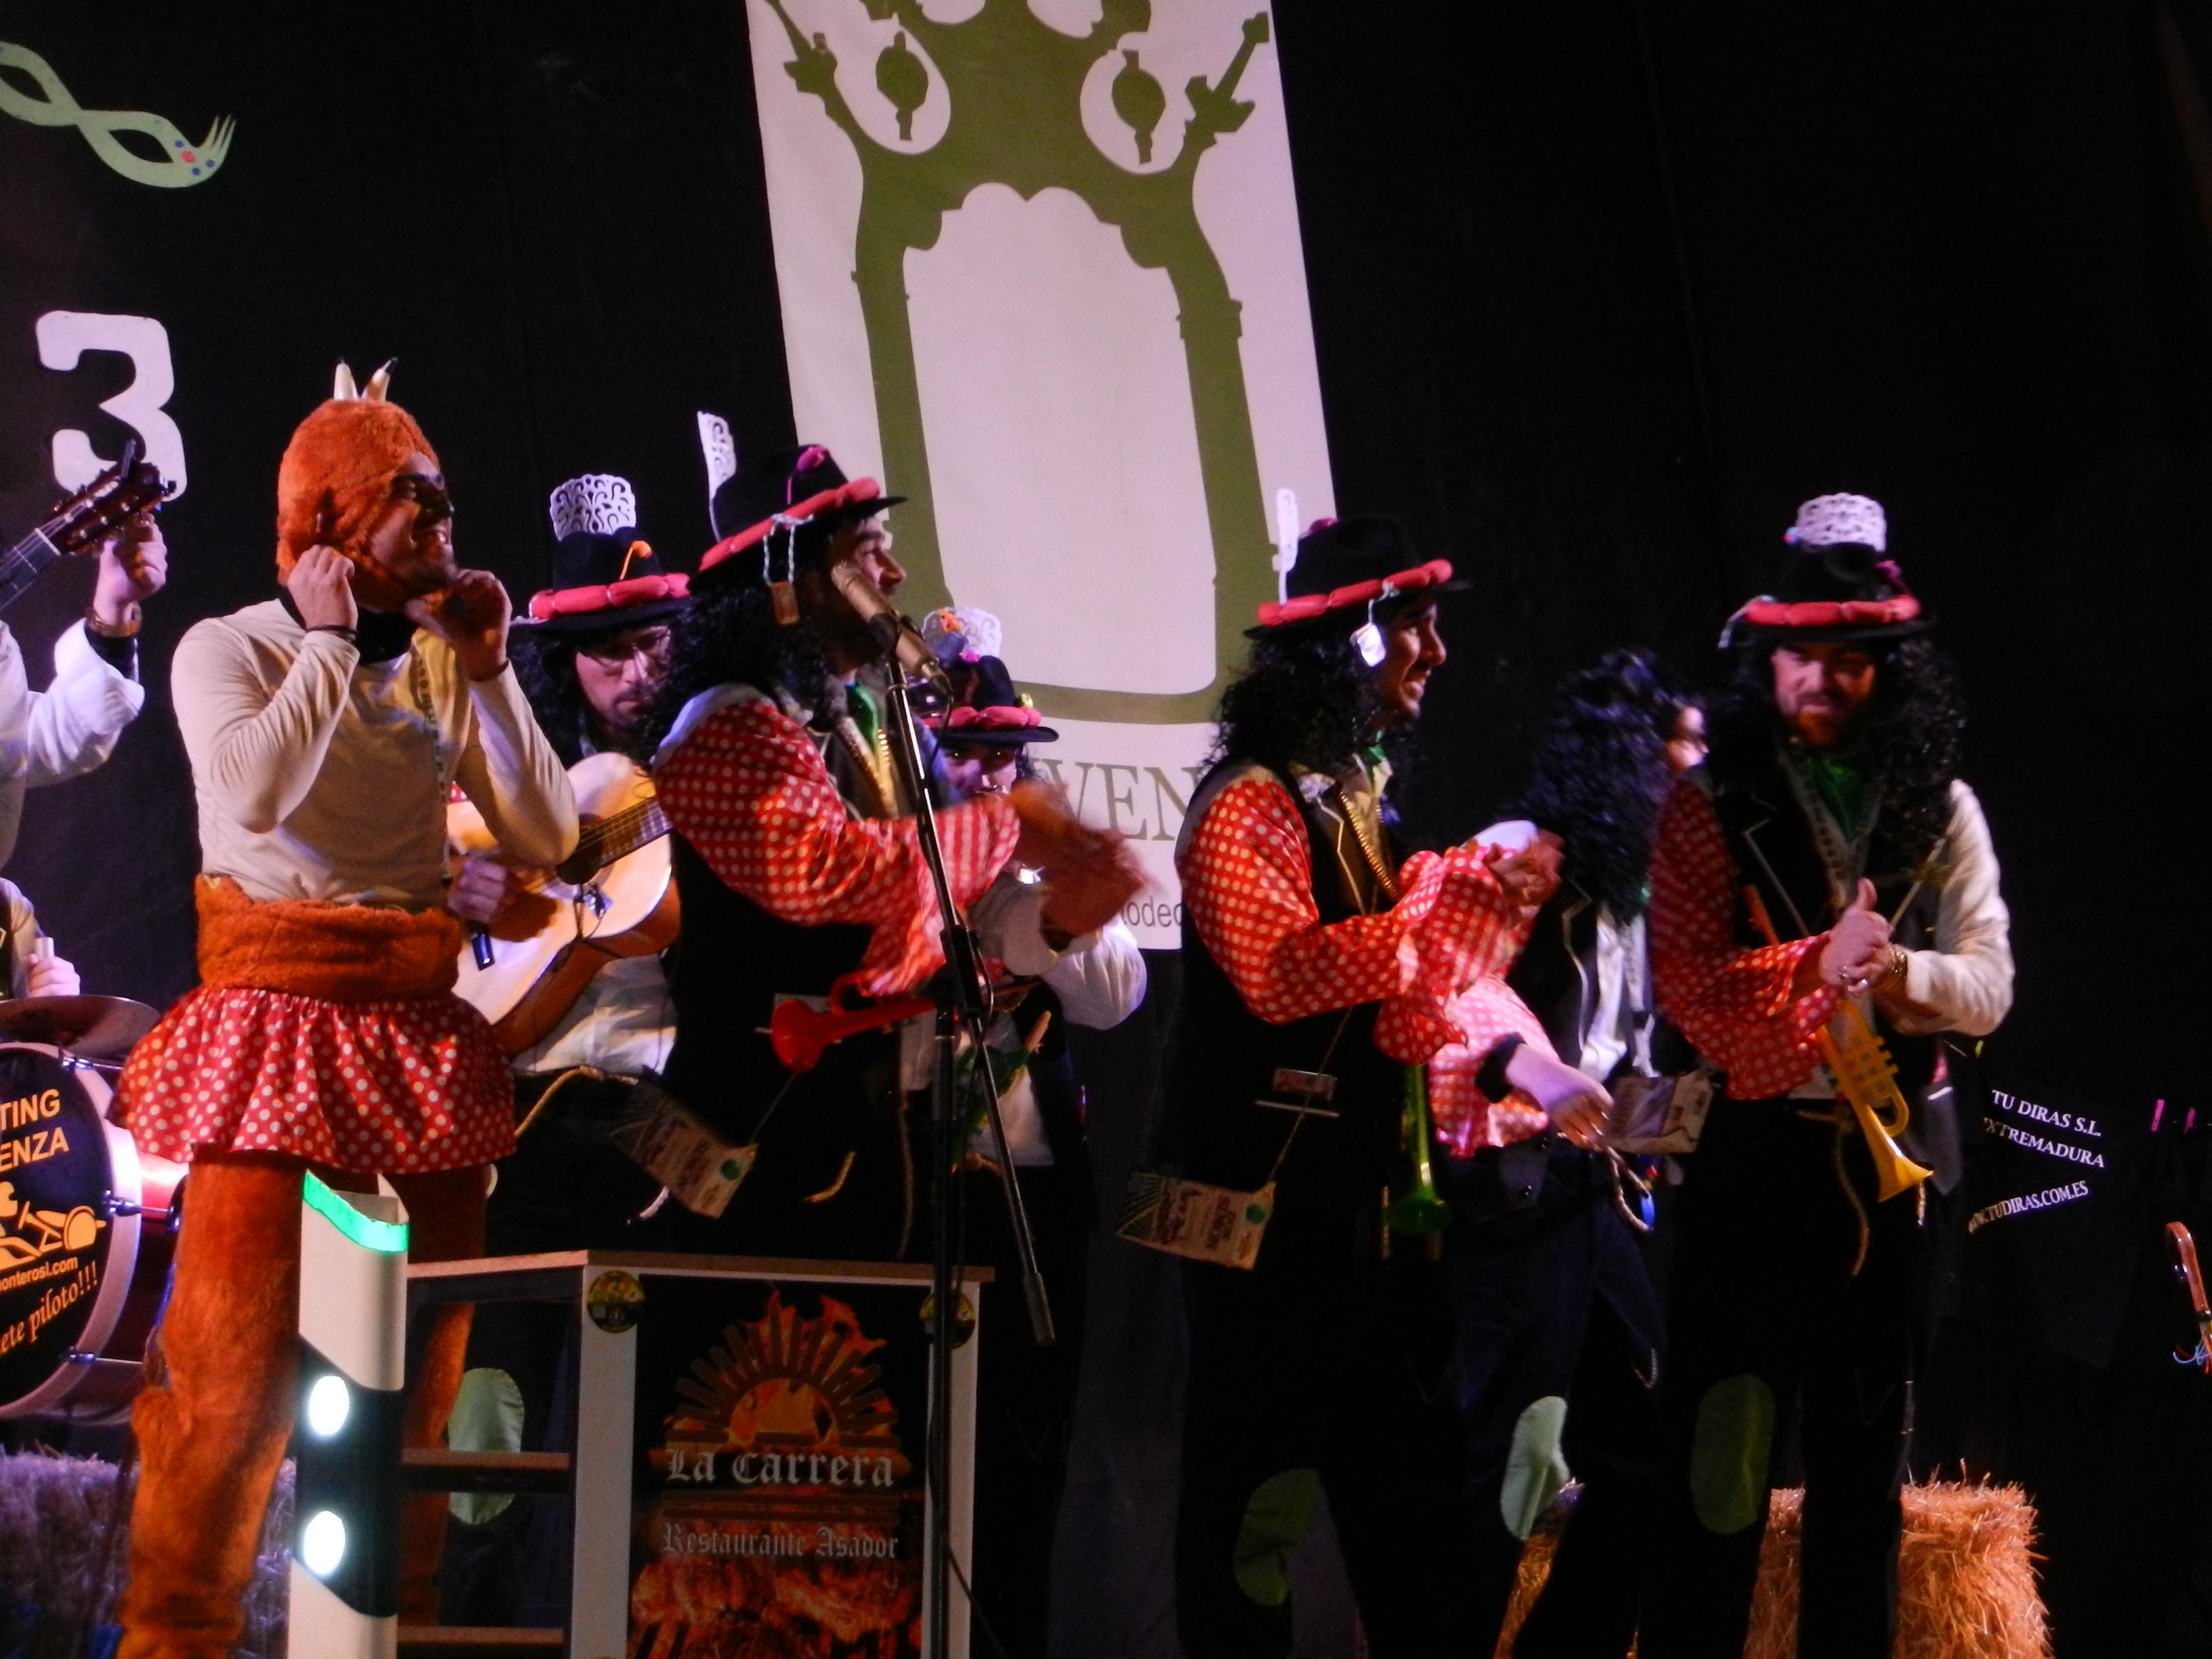 Los sikitrakys pasean a su cabra en carnaval